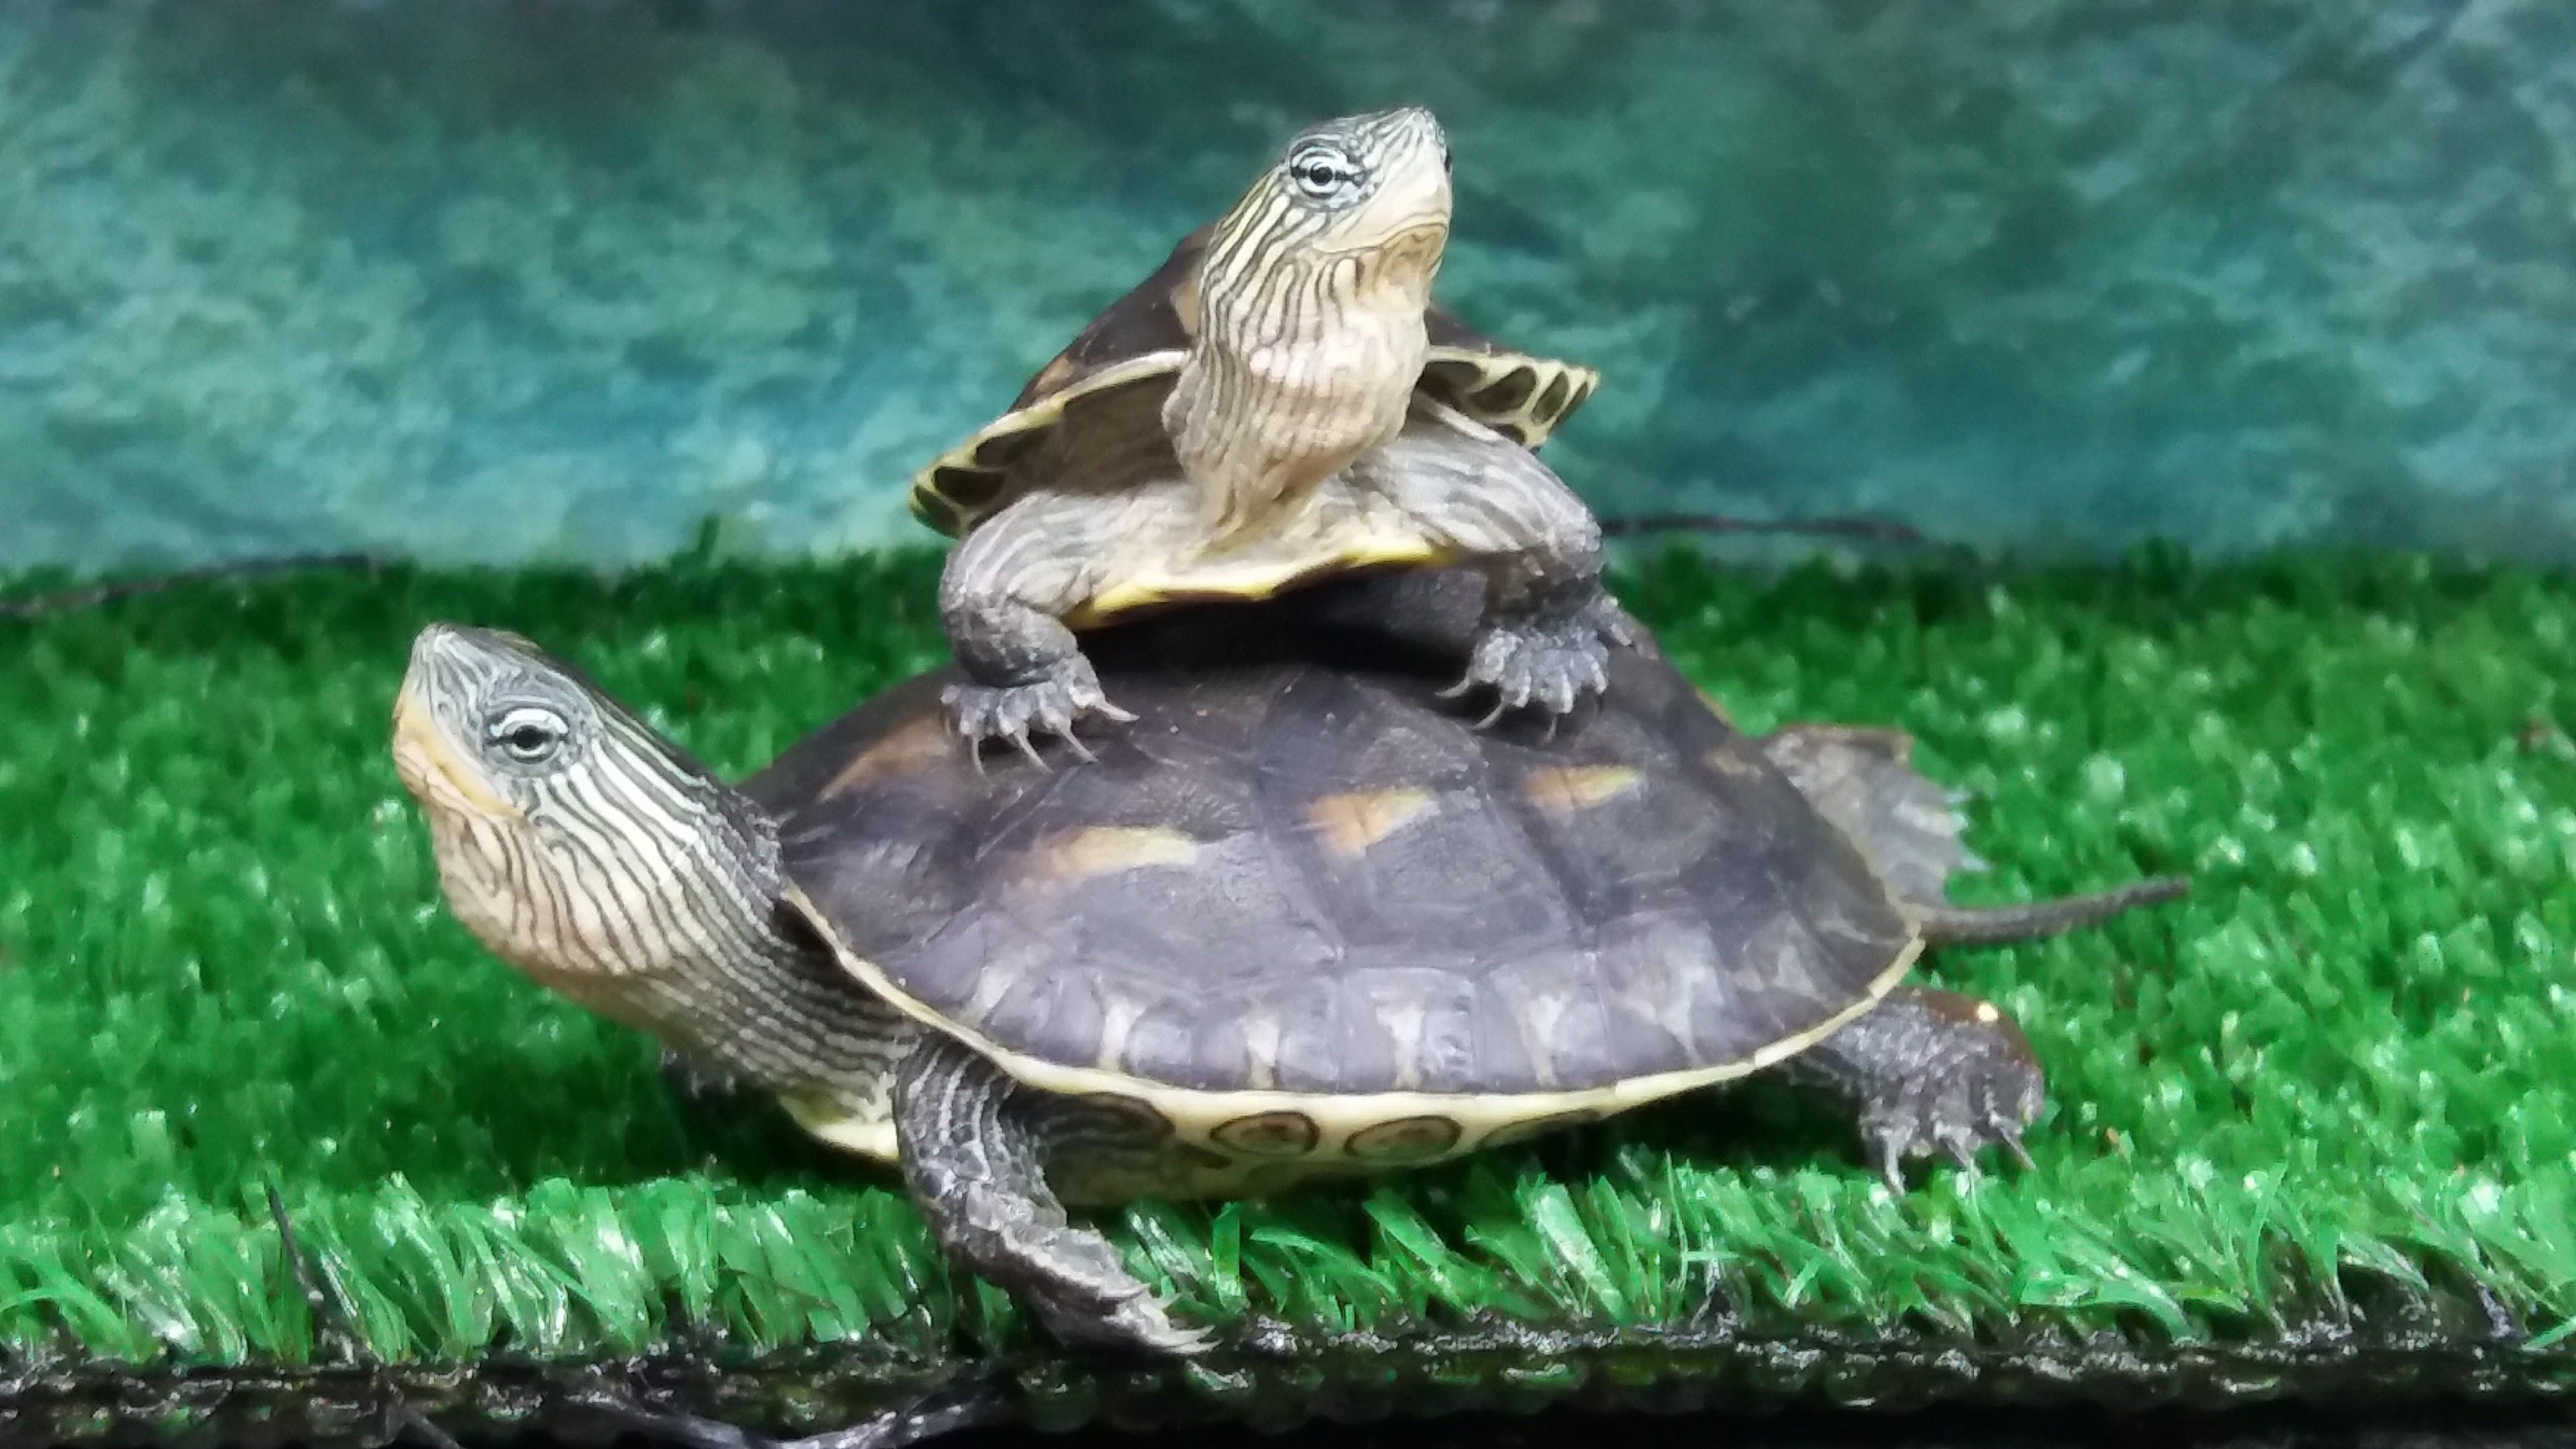 paulus marcinelle poisson reptile aquarium terrarium. Black Bedroom Furniture Sets. Home Design Ideas